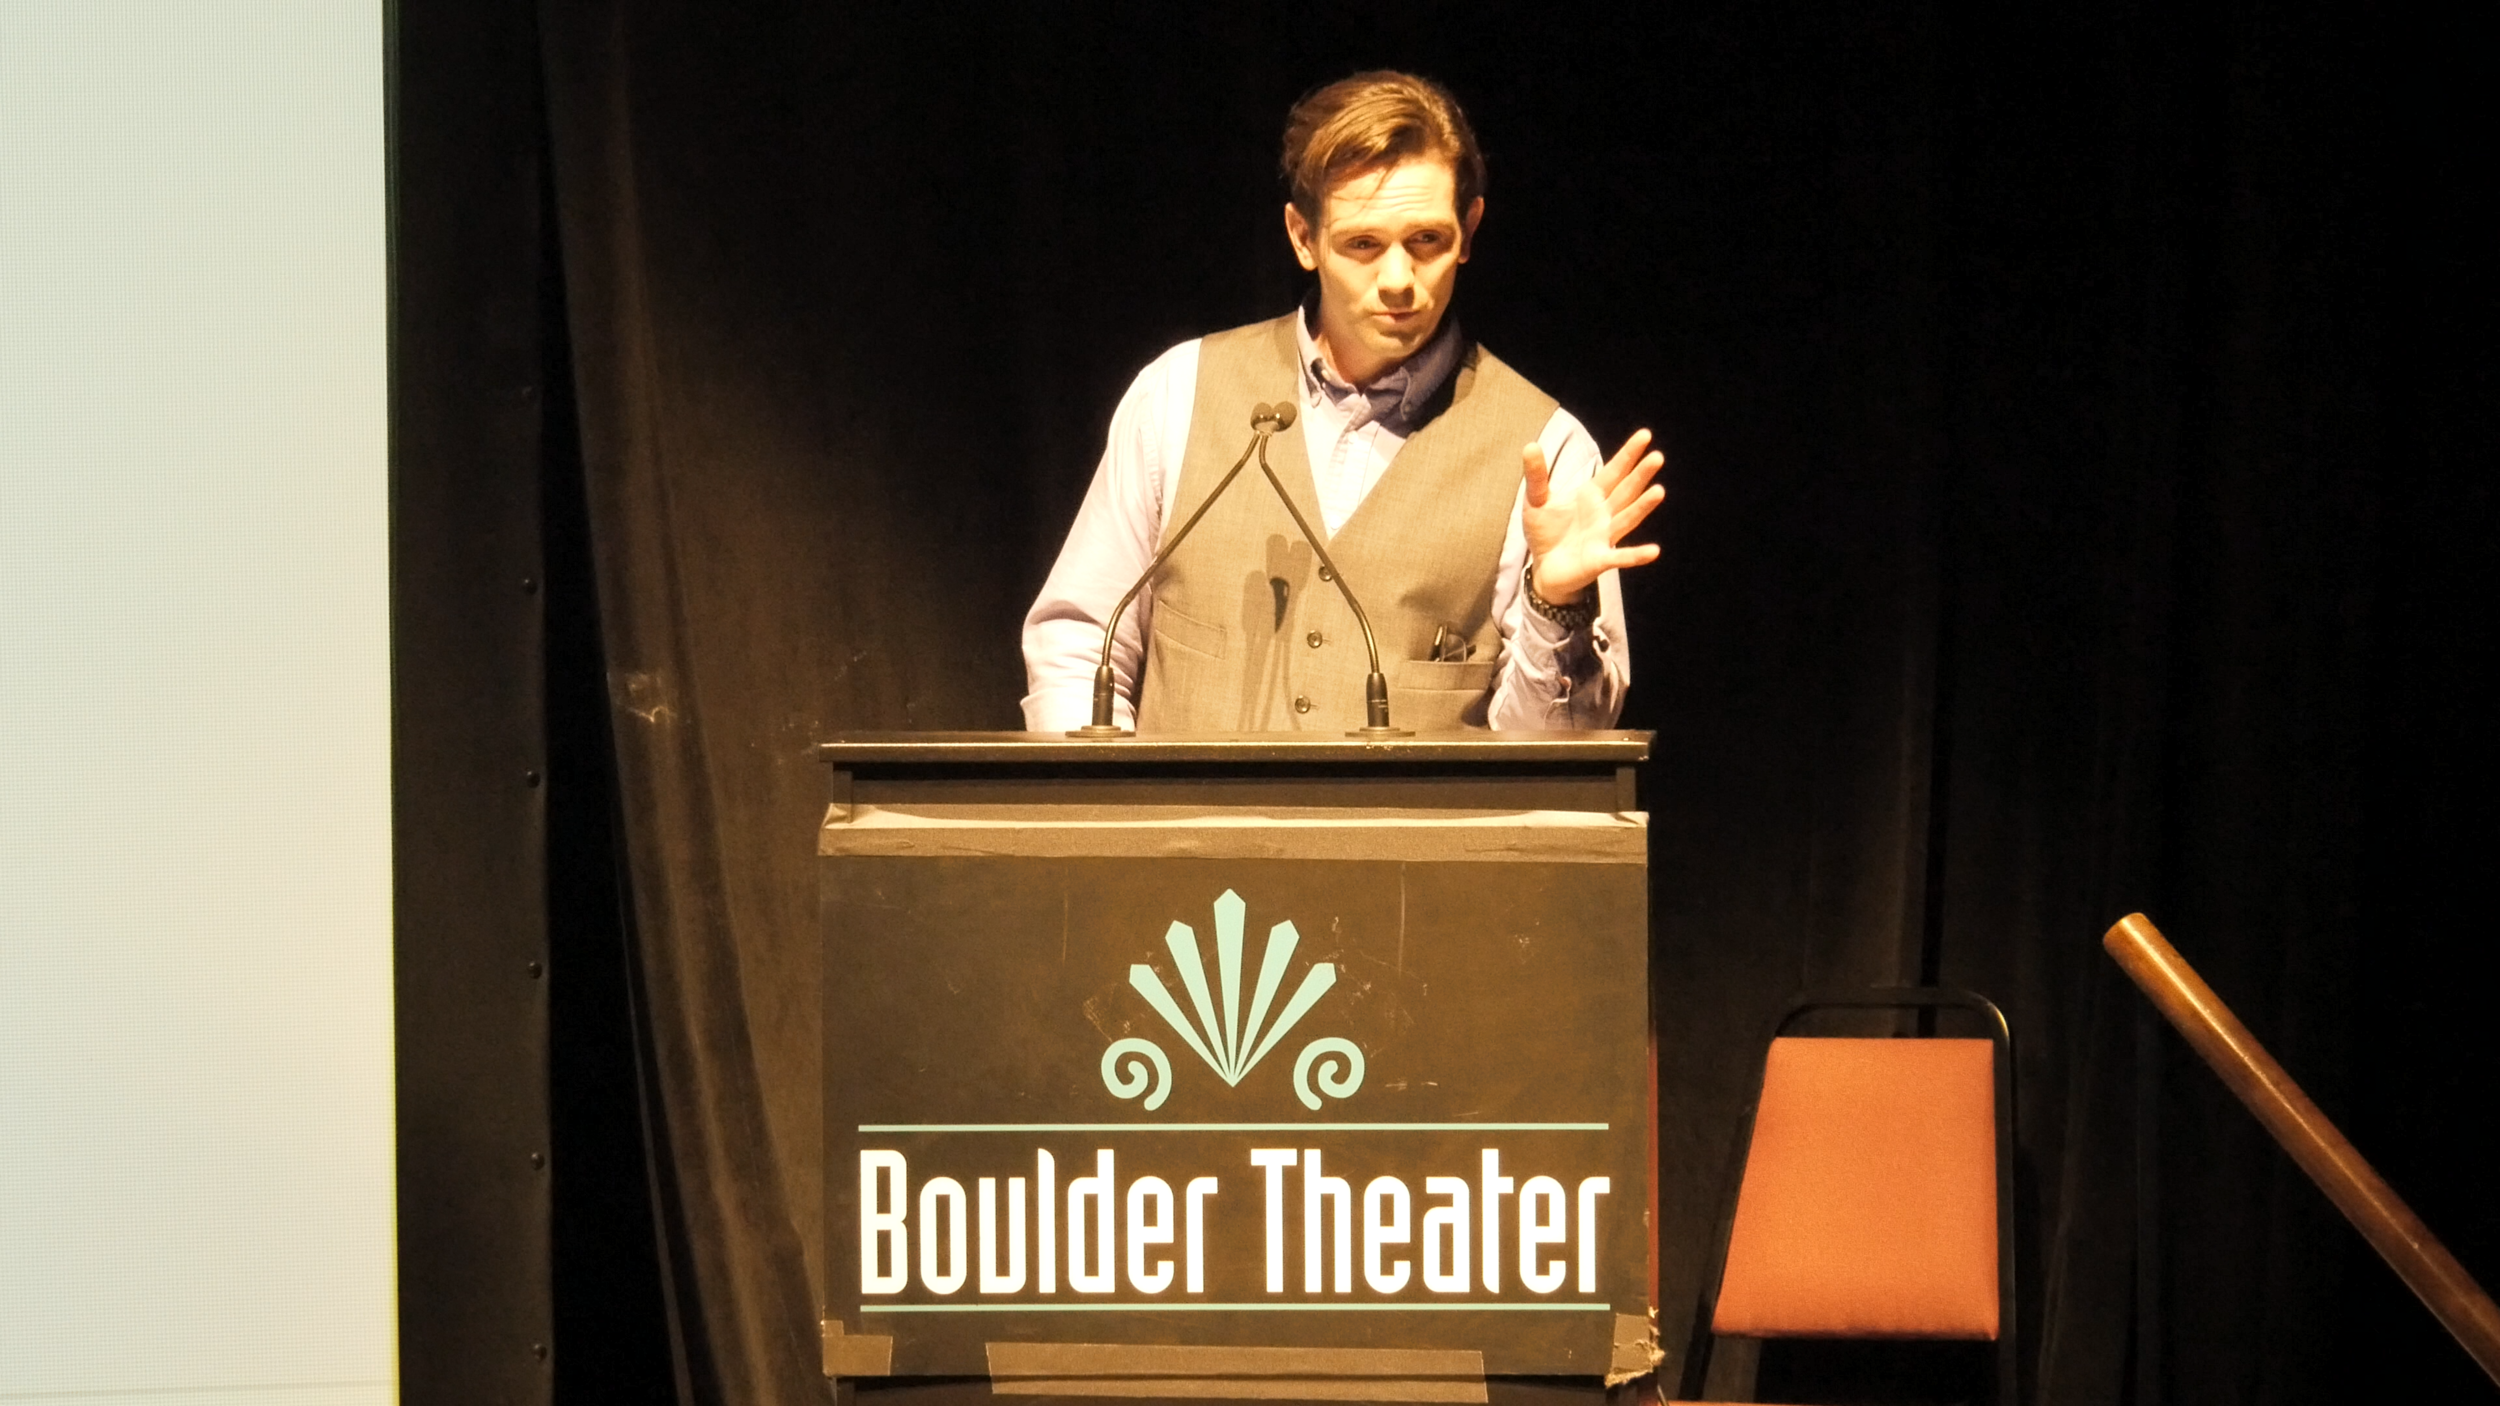 Dr. Rien Havens 2017.02.12 psychedelic shine boulder theater boulder, CO